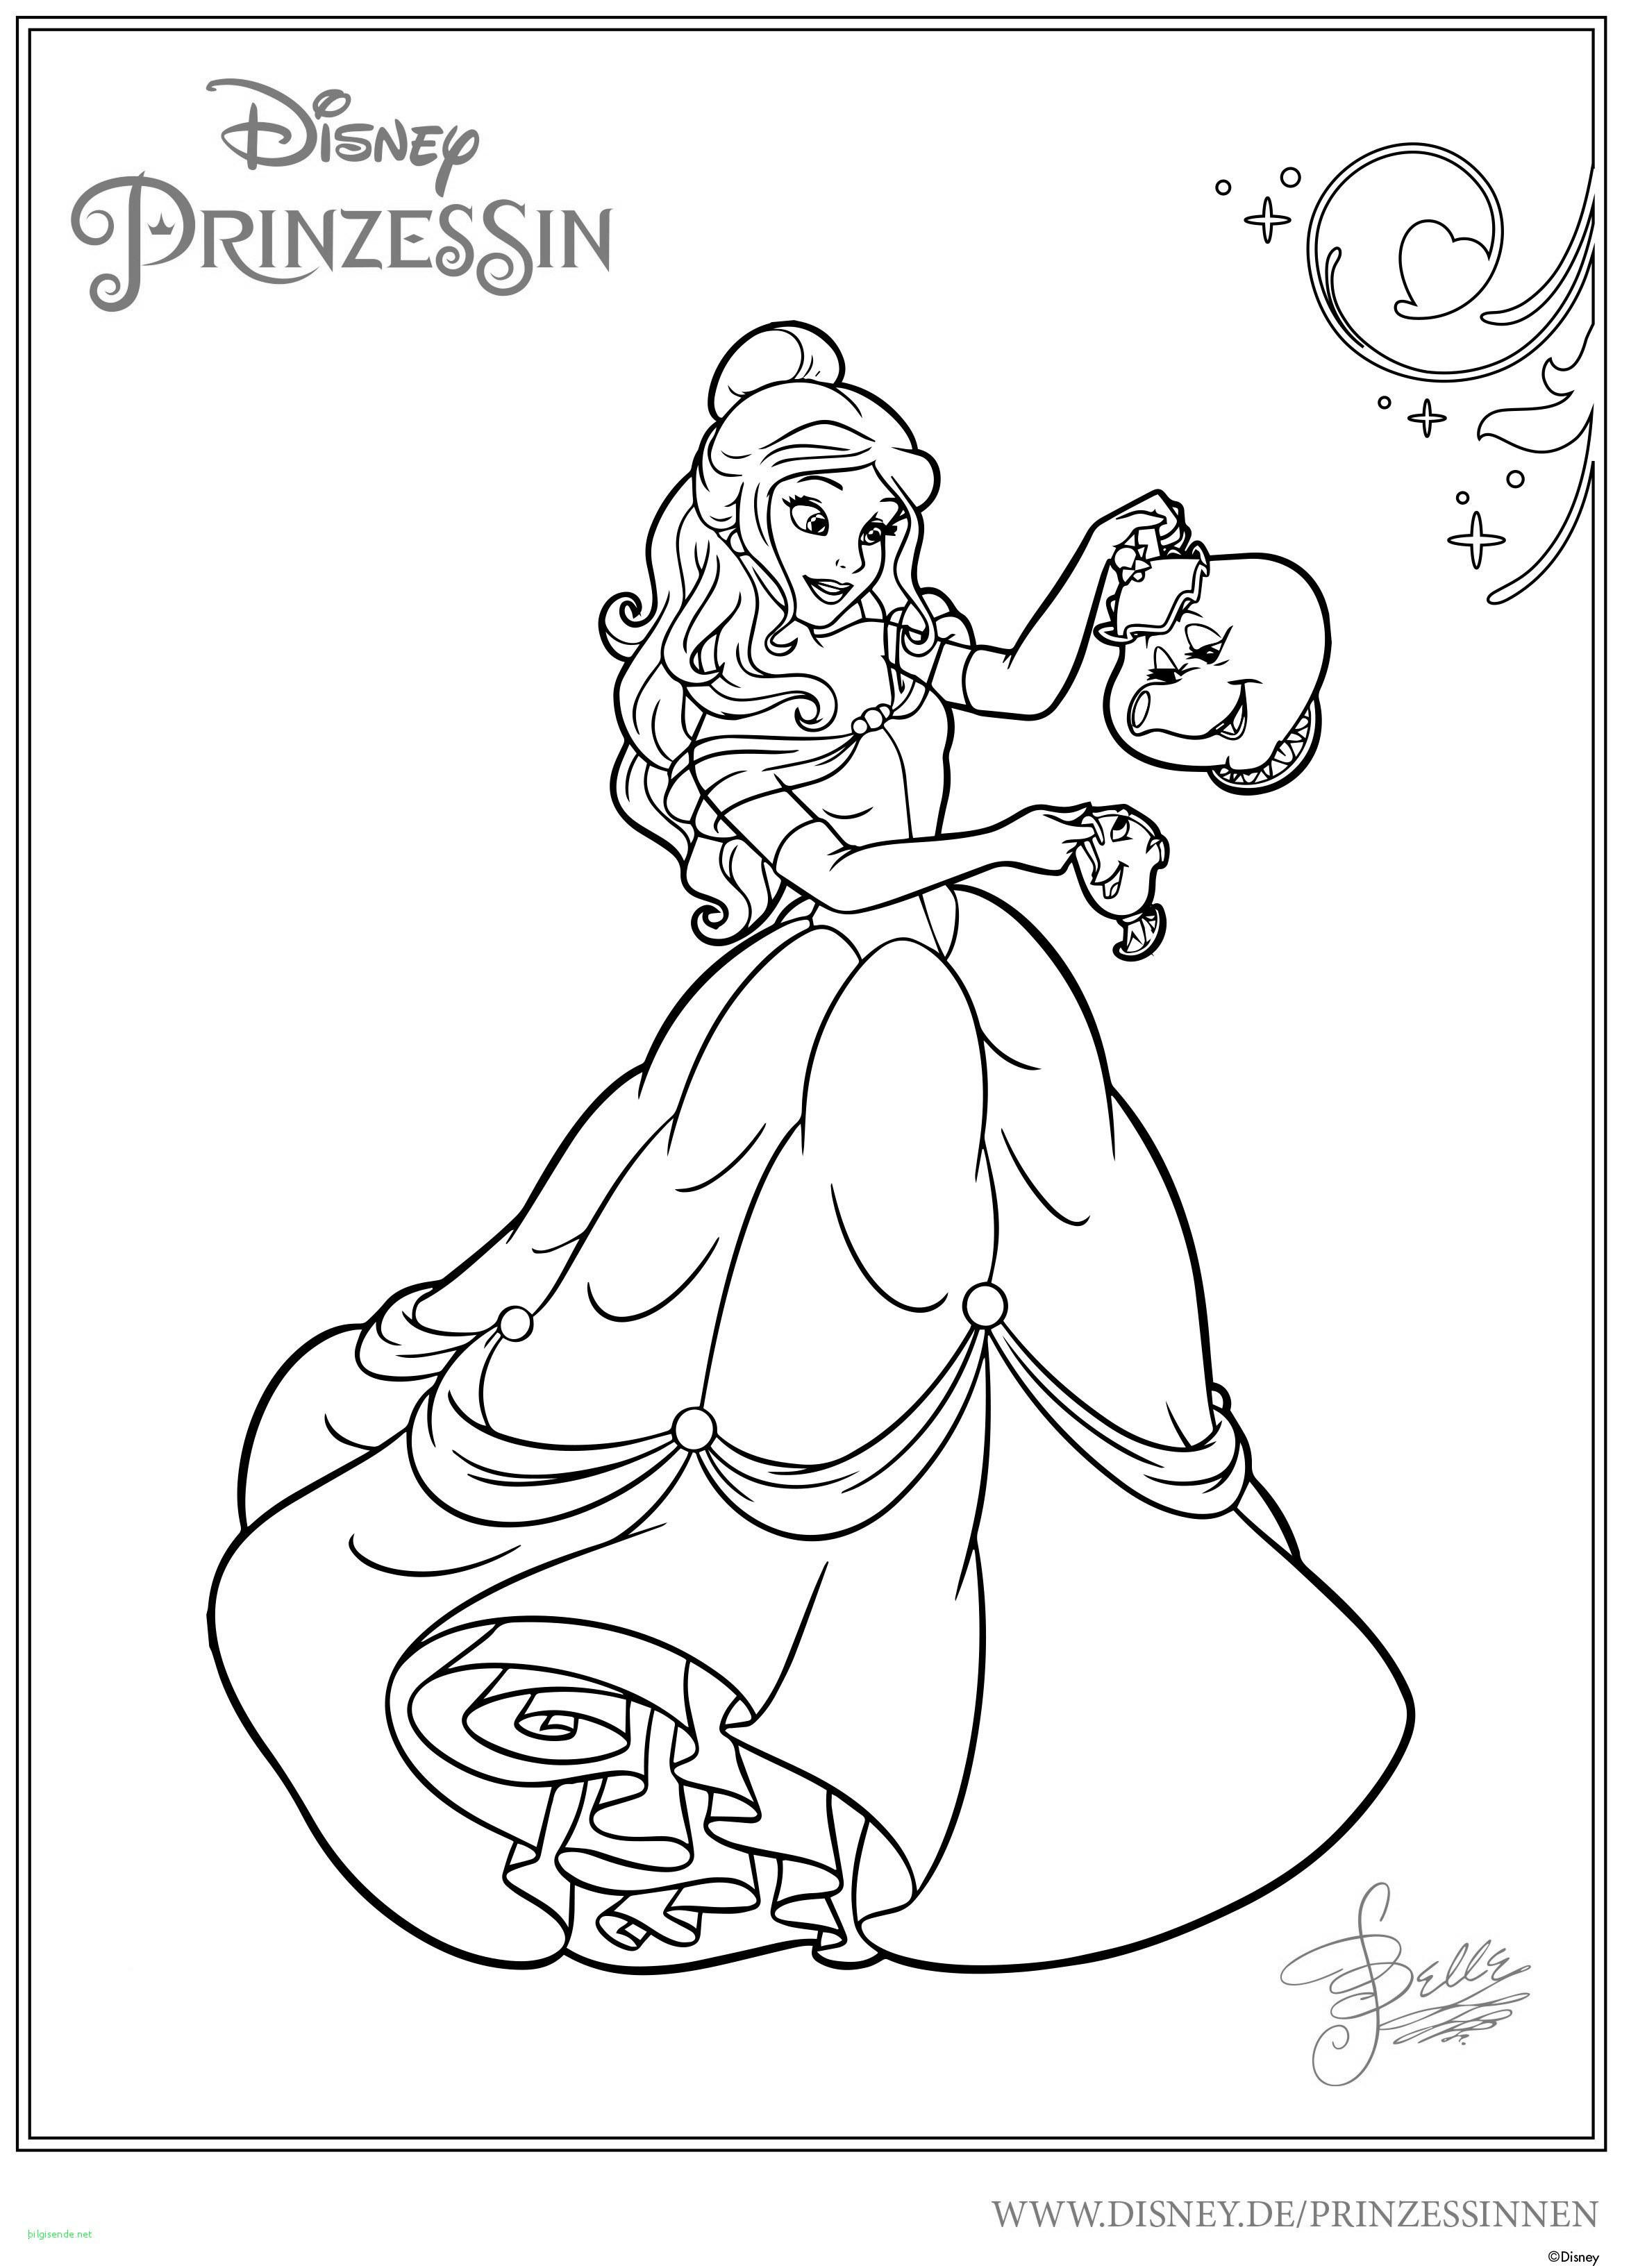 Disney Weihnachtsbilder Ausmalen Einzigartig Walt Disney Ausmalbilder Luxus New Printable Coloring Book Disney Das Bild